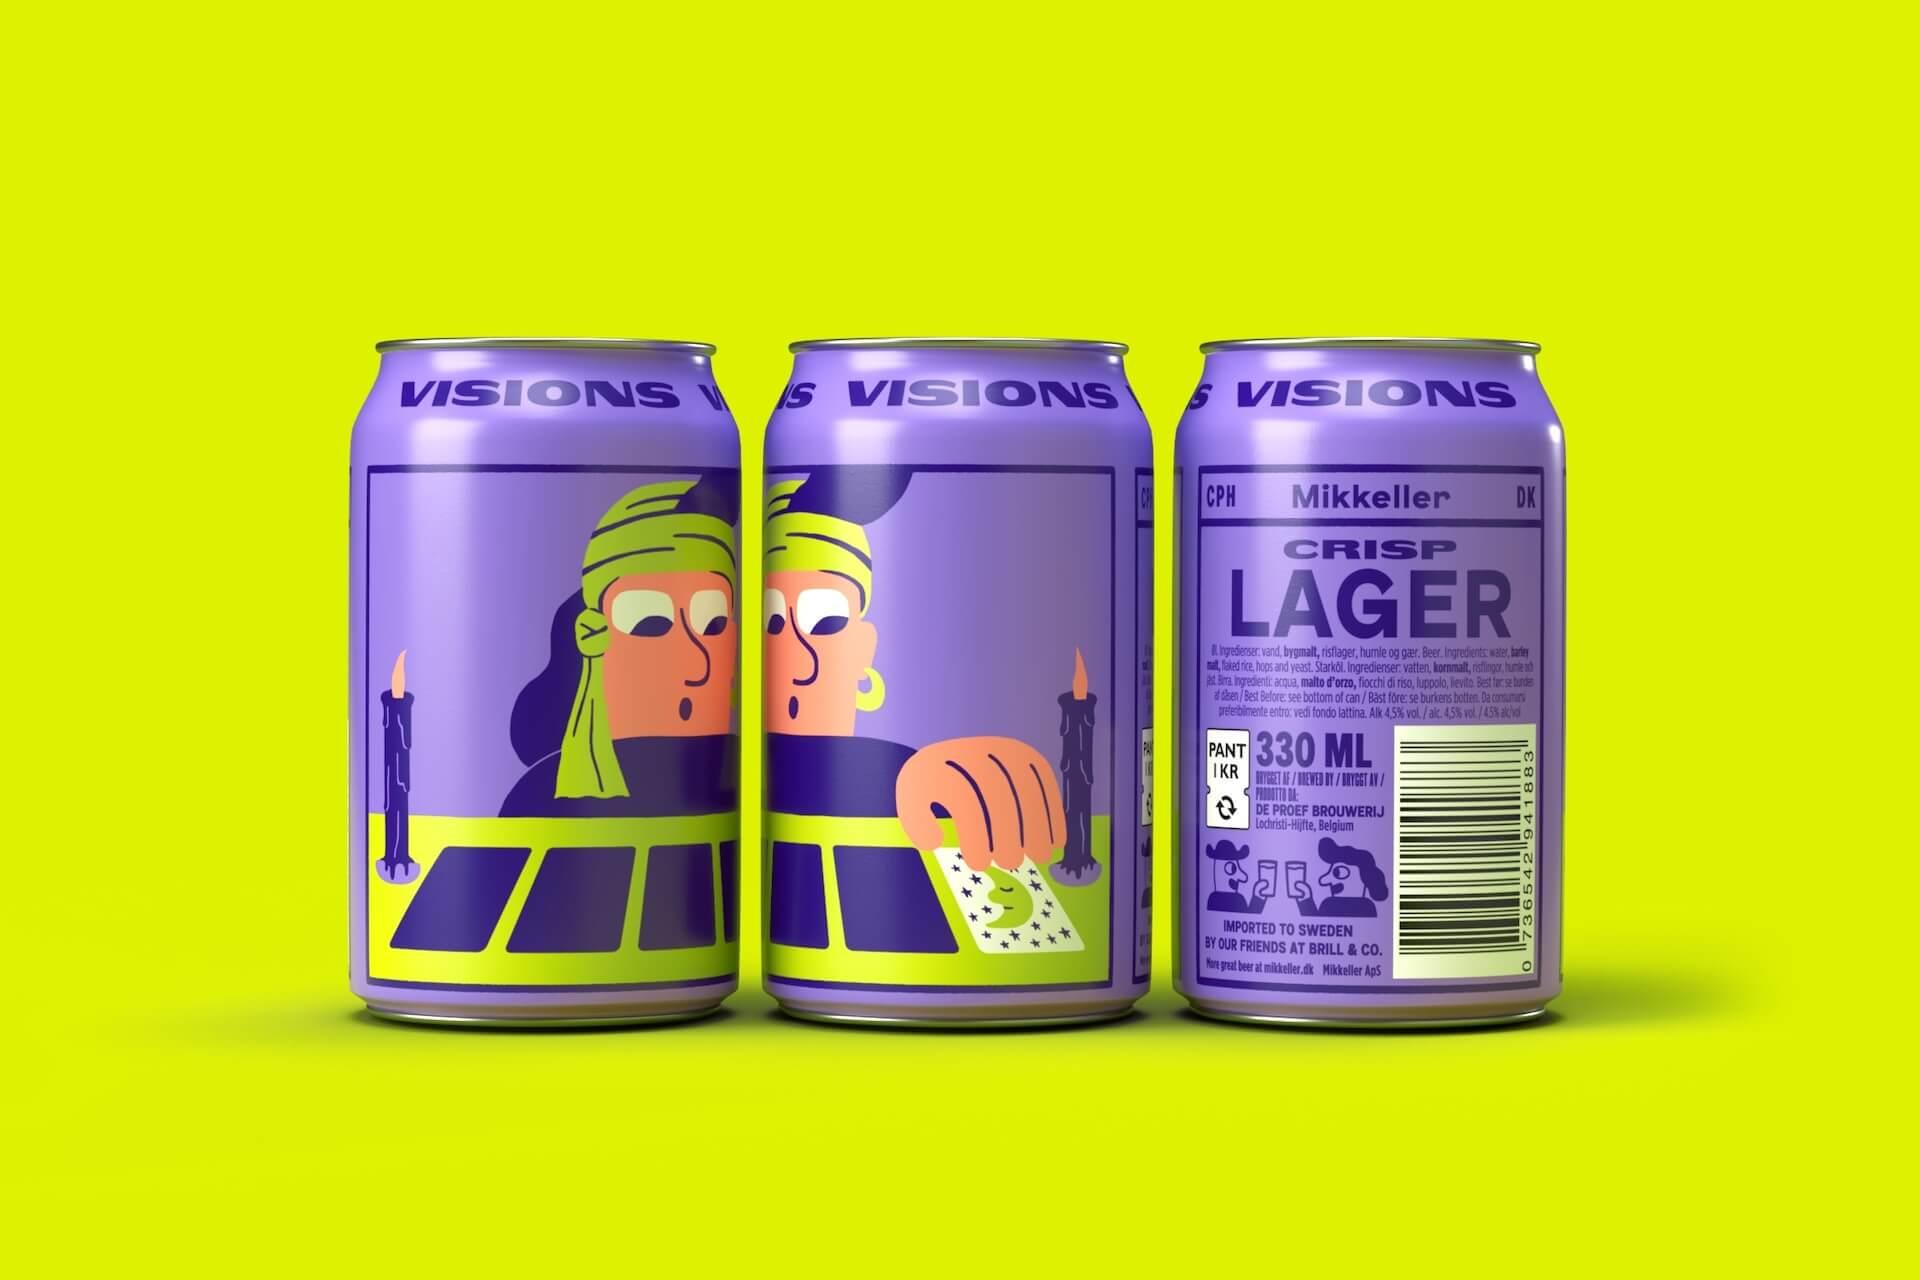 デンマーク生まれのクラフトビール「ミッケラー」が2021年8月より販売スタート!IPA、ペールエール、ラガーの3種がラインナップ gourmet210615_mikkeller_2